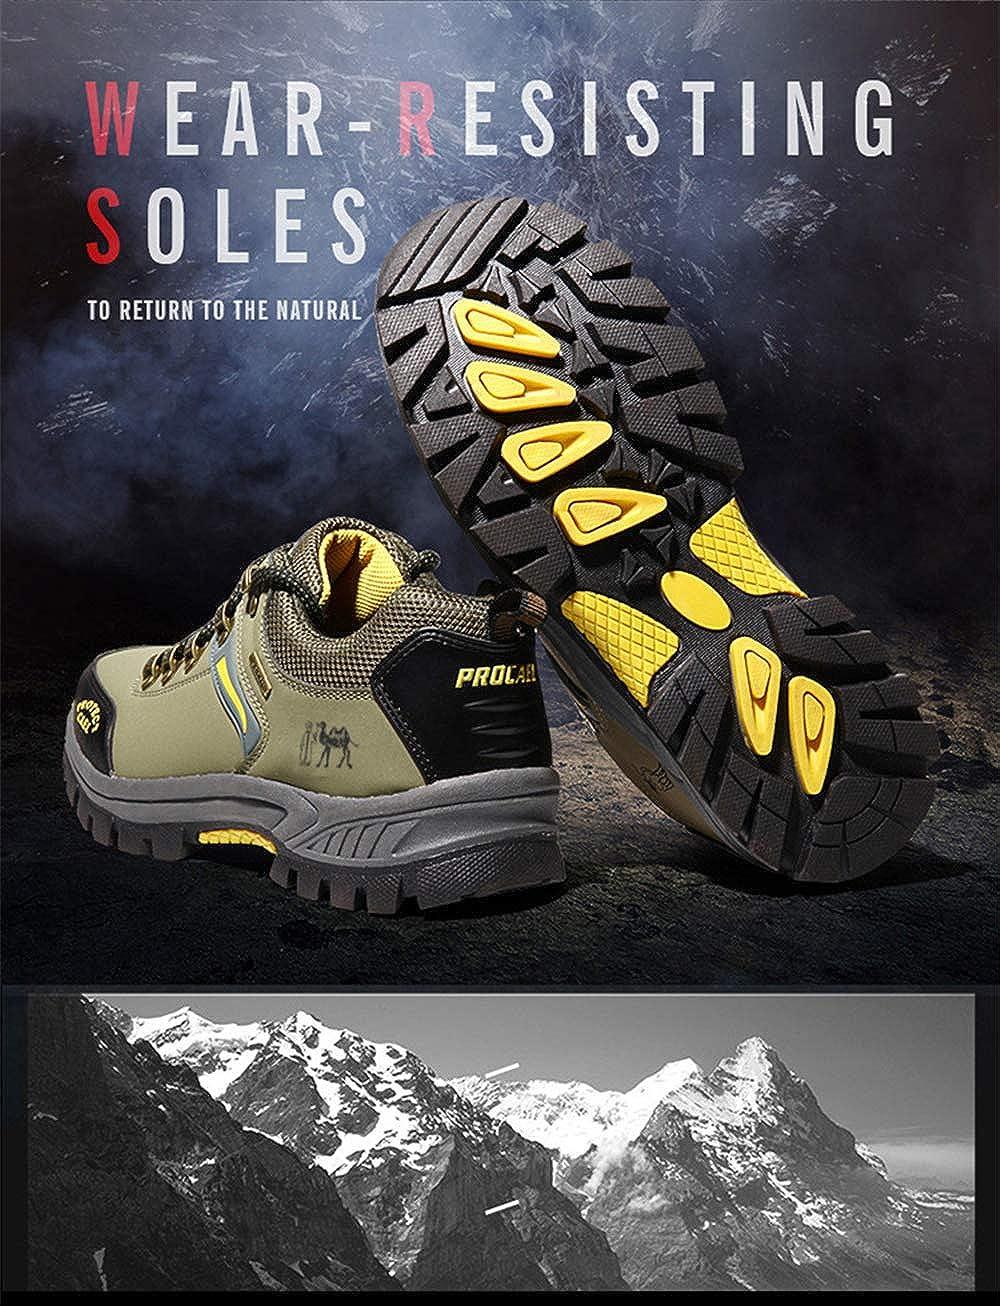 homme / femme, chaussures mika cdm hommes portent des chaussures femme, de randonnée sentier extérieur résistant imperméable escalade souliers classé premier dans sa catégorie principa le dans la mode rb9967 22b8dc